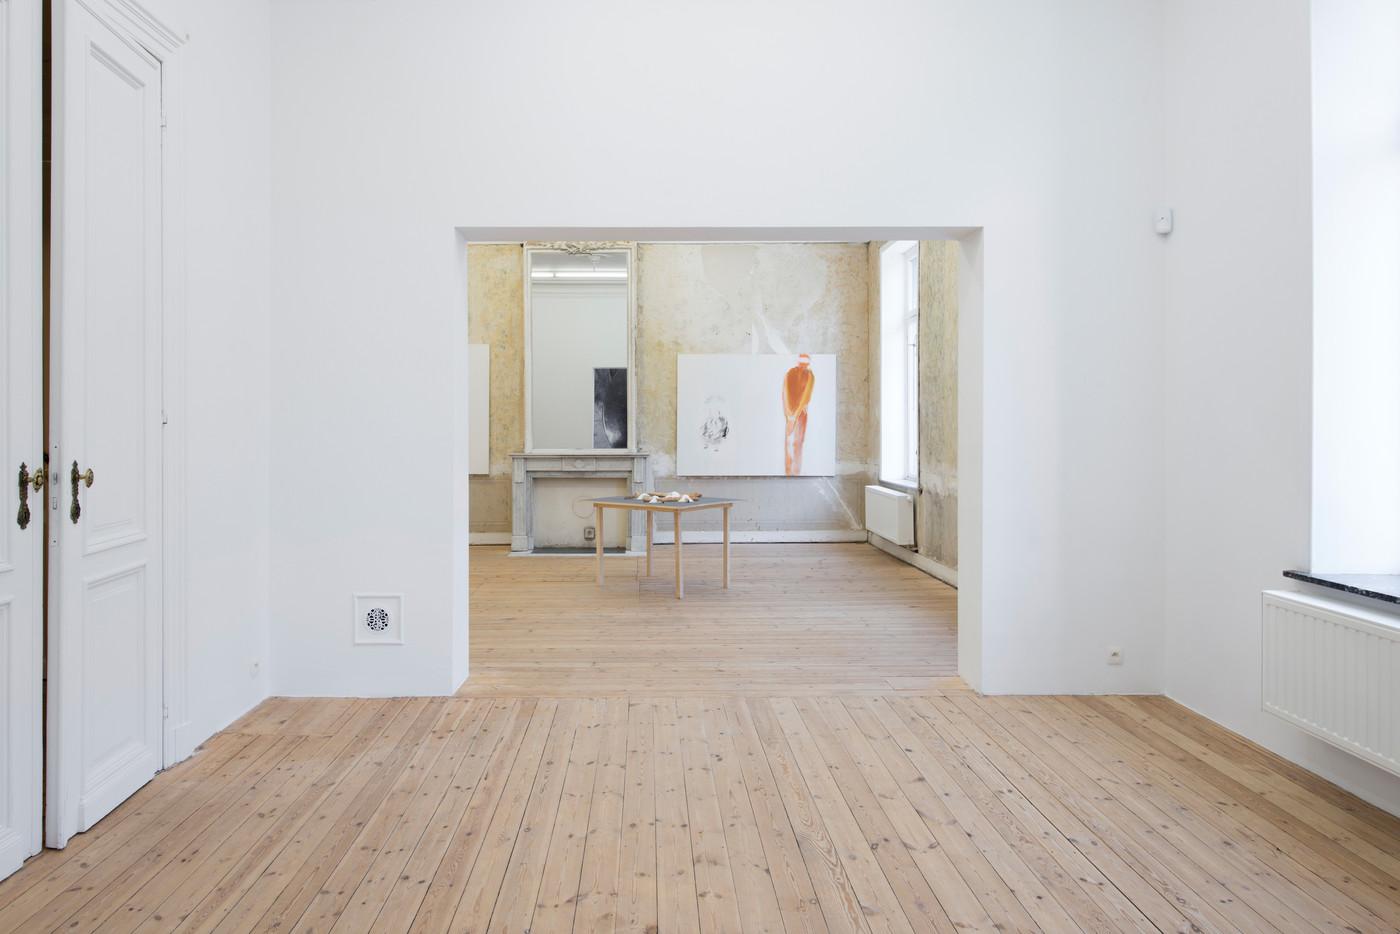 Dans un monde Magnifique et Furieux, exhibition view